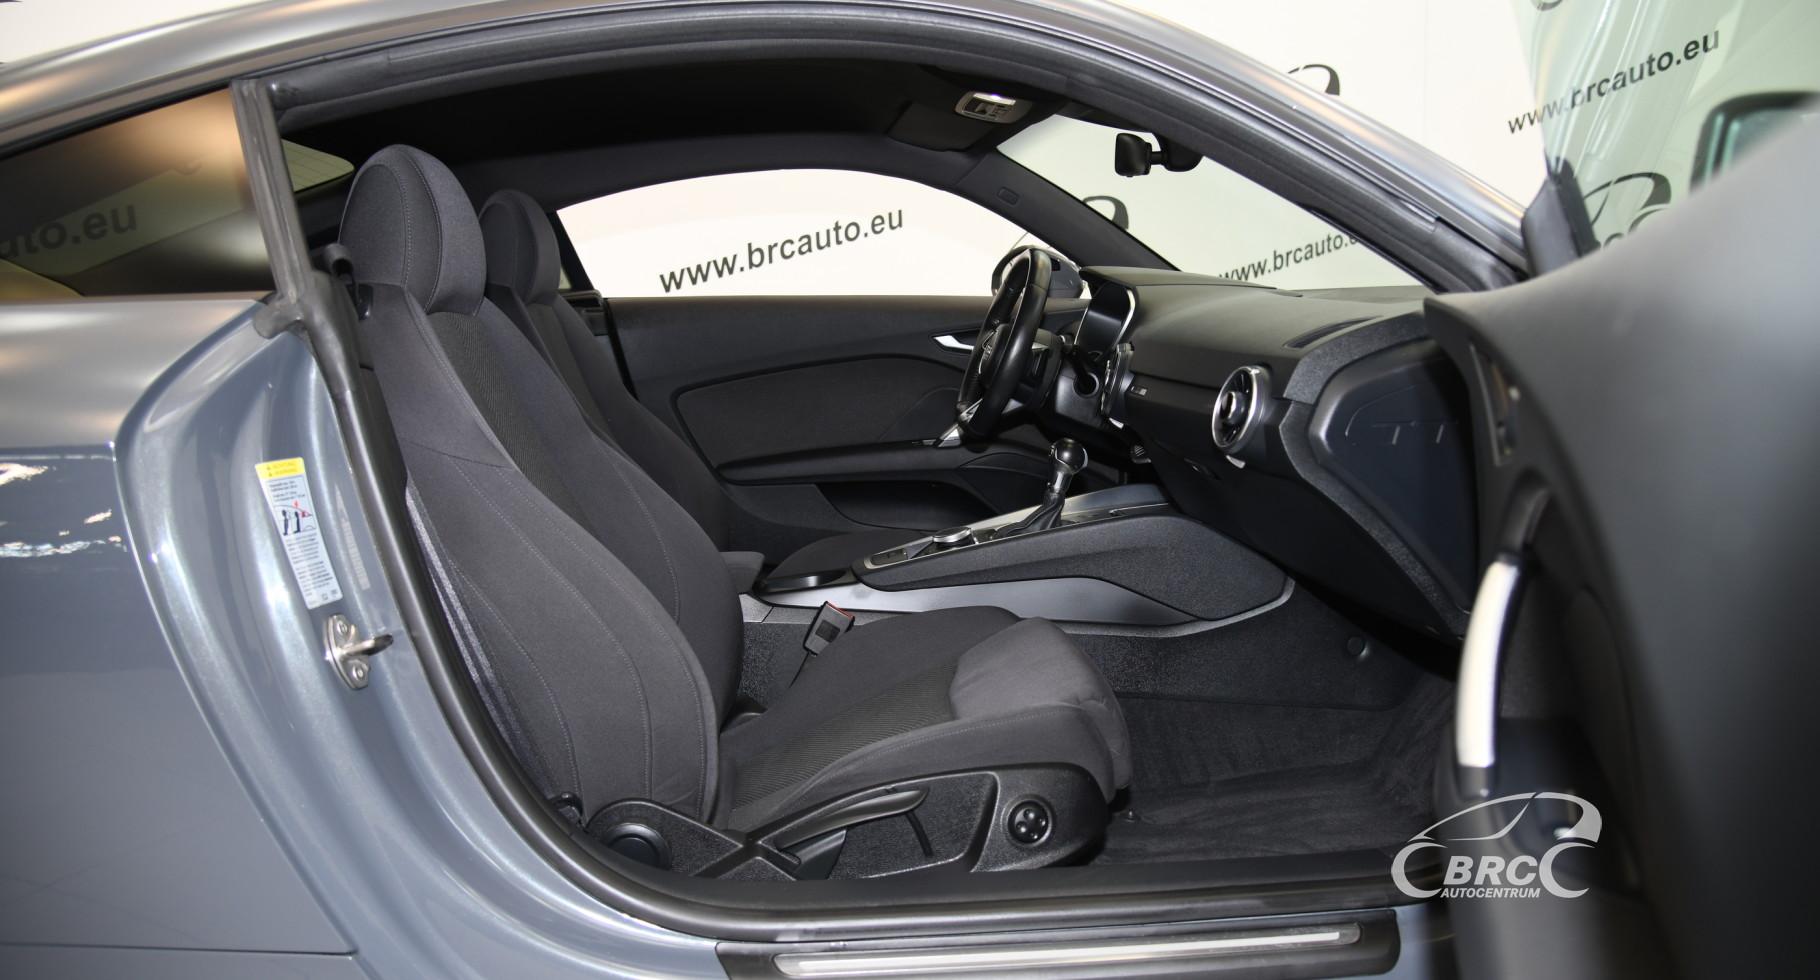 Audi TT 2.0 TFSI Automatas